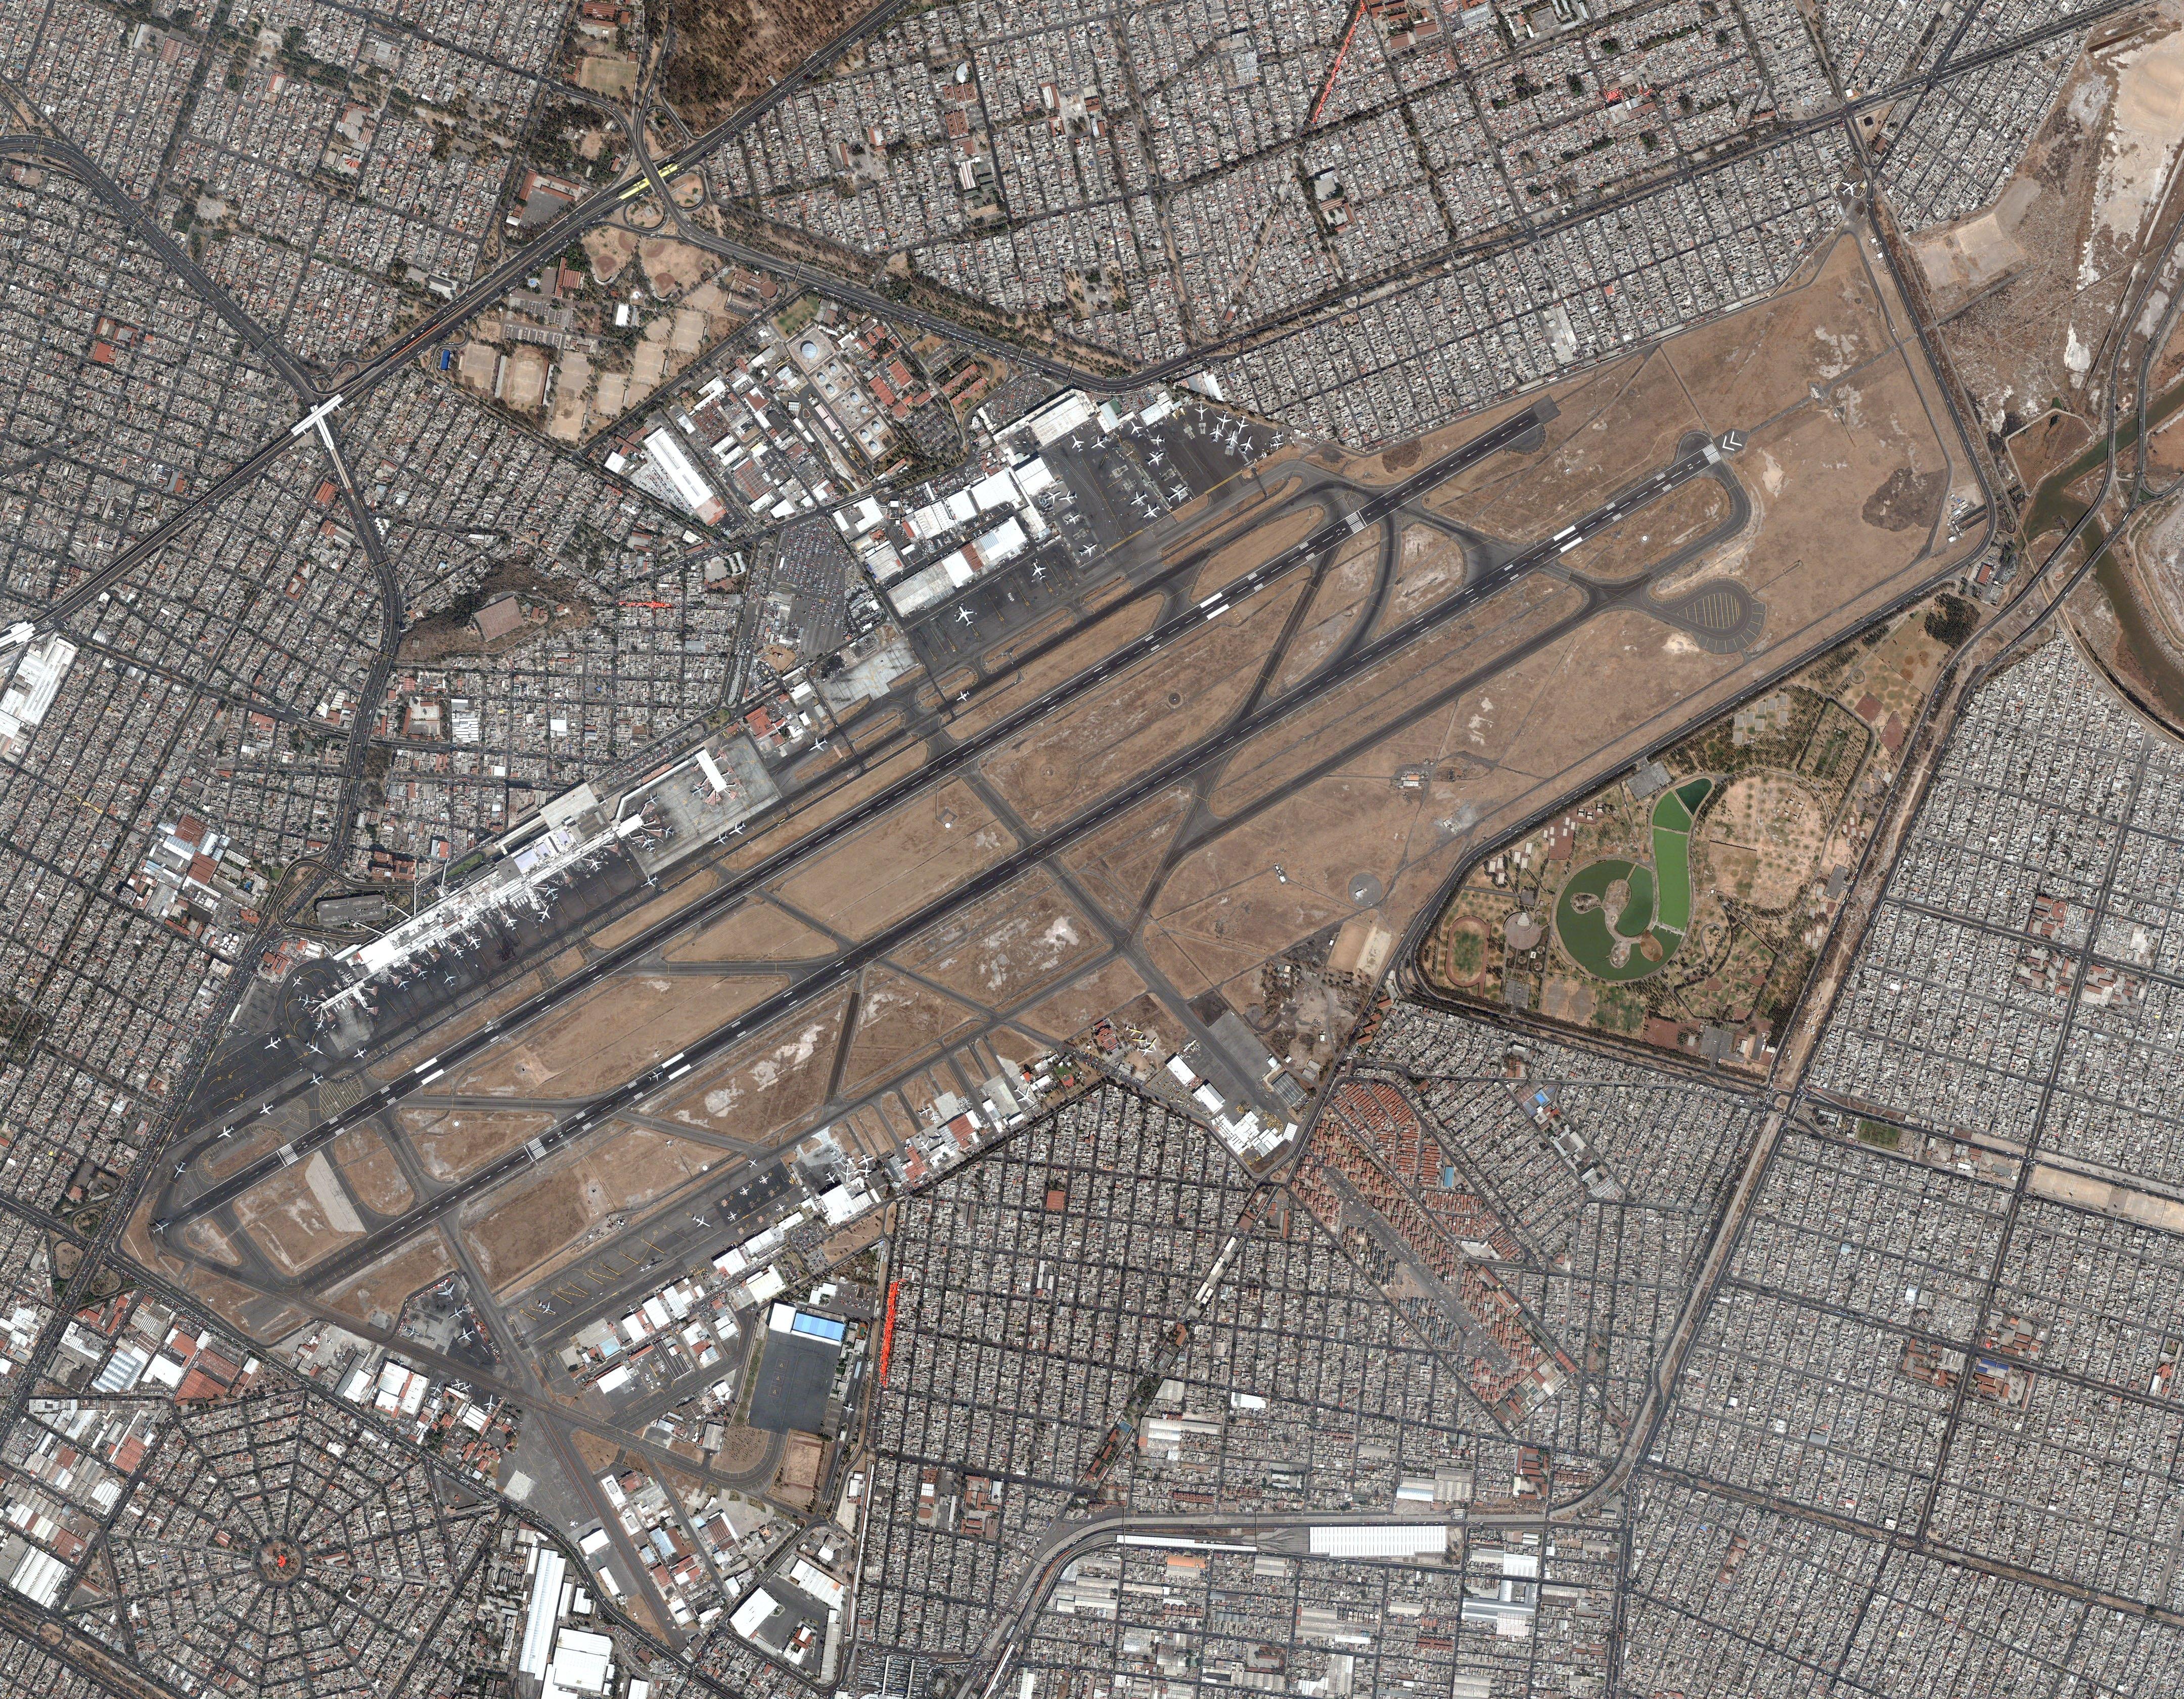 El Aeropuerto Internacional de Ciudad de México visto desde el aire